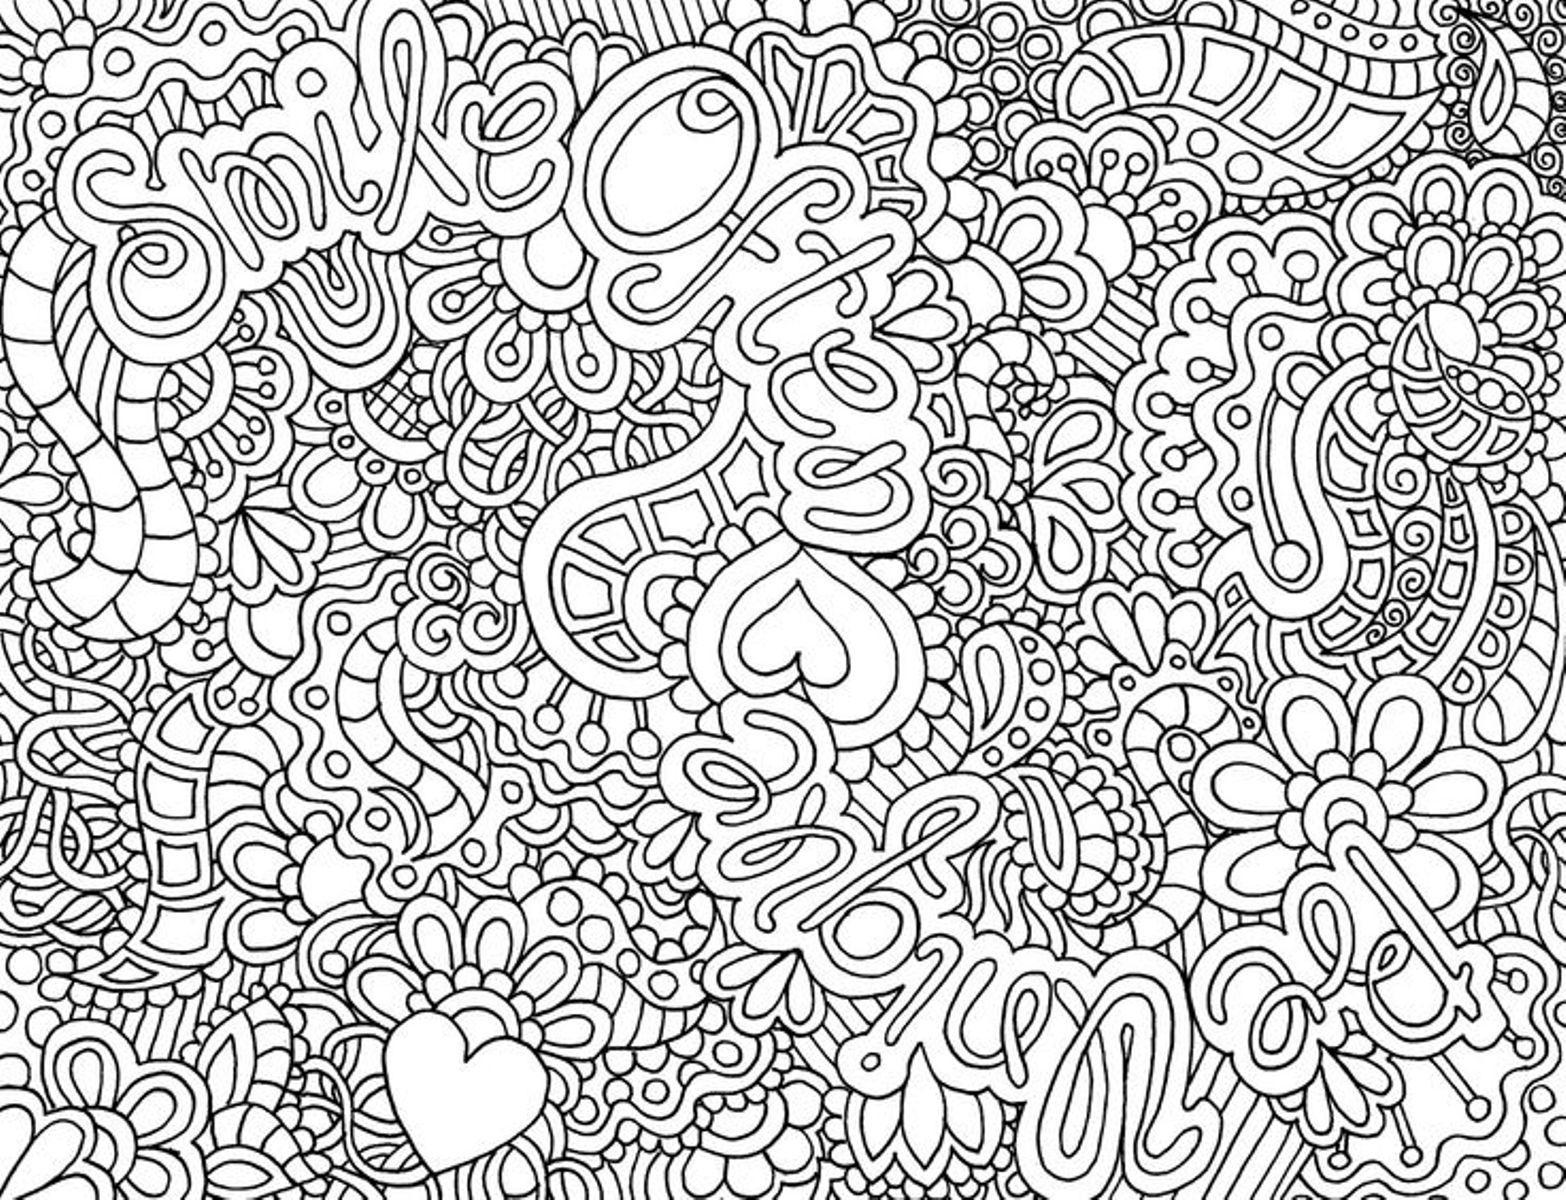 Узоры из цветов и сердечек Раскраски с цветами распечатать бесплатно